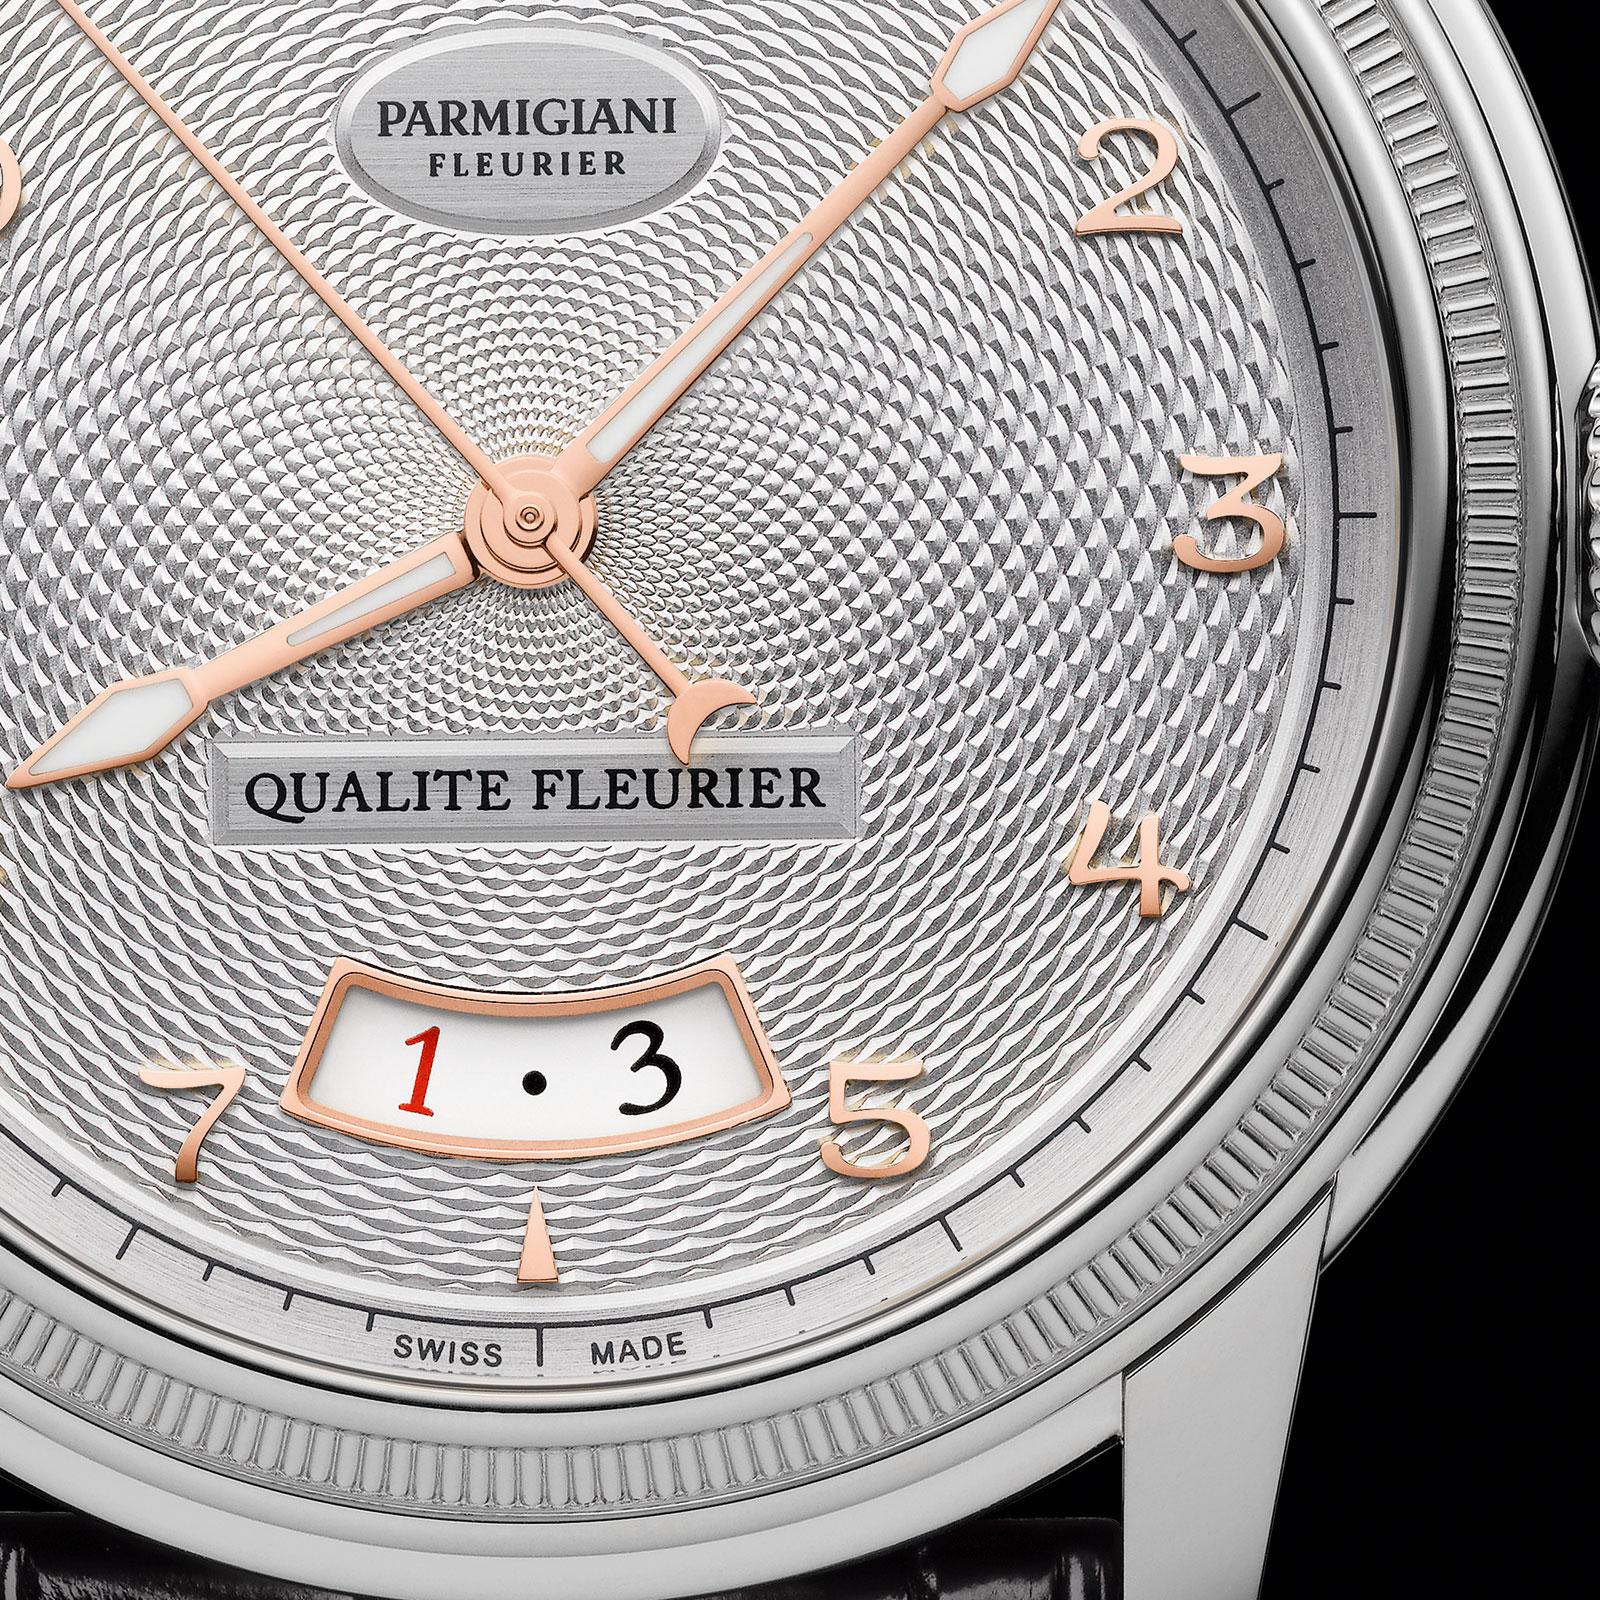 Parmigiani Toric Qualité Fleurier watch 2